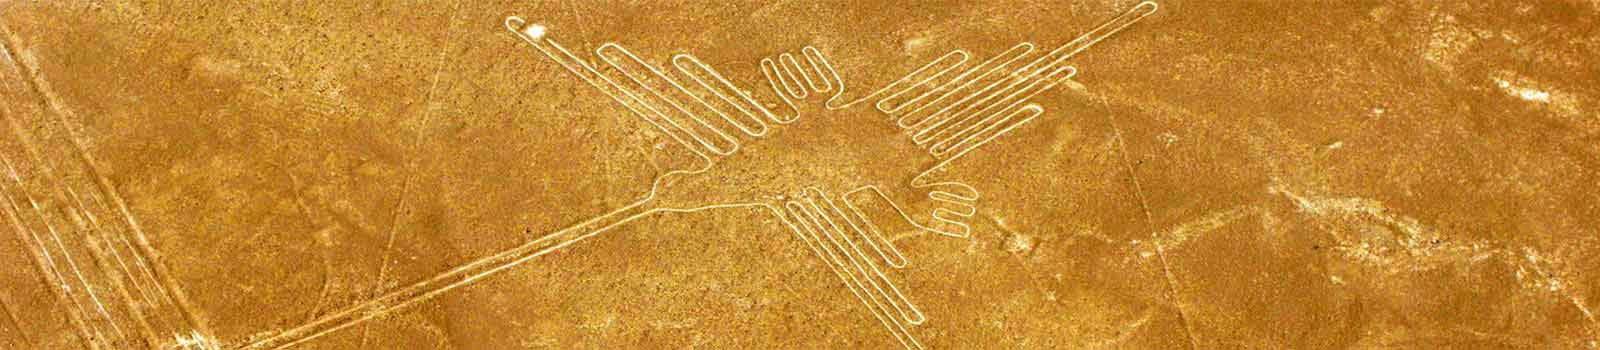 El colibrí, es una de las Lineas de Nazca en Peru.